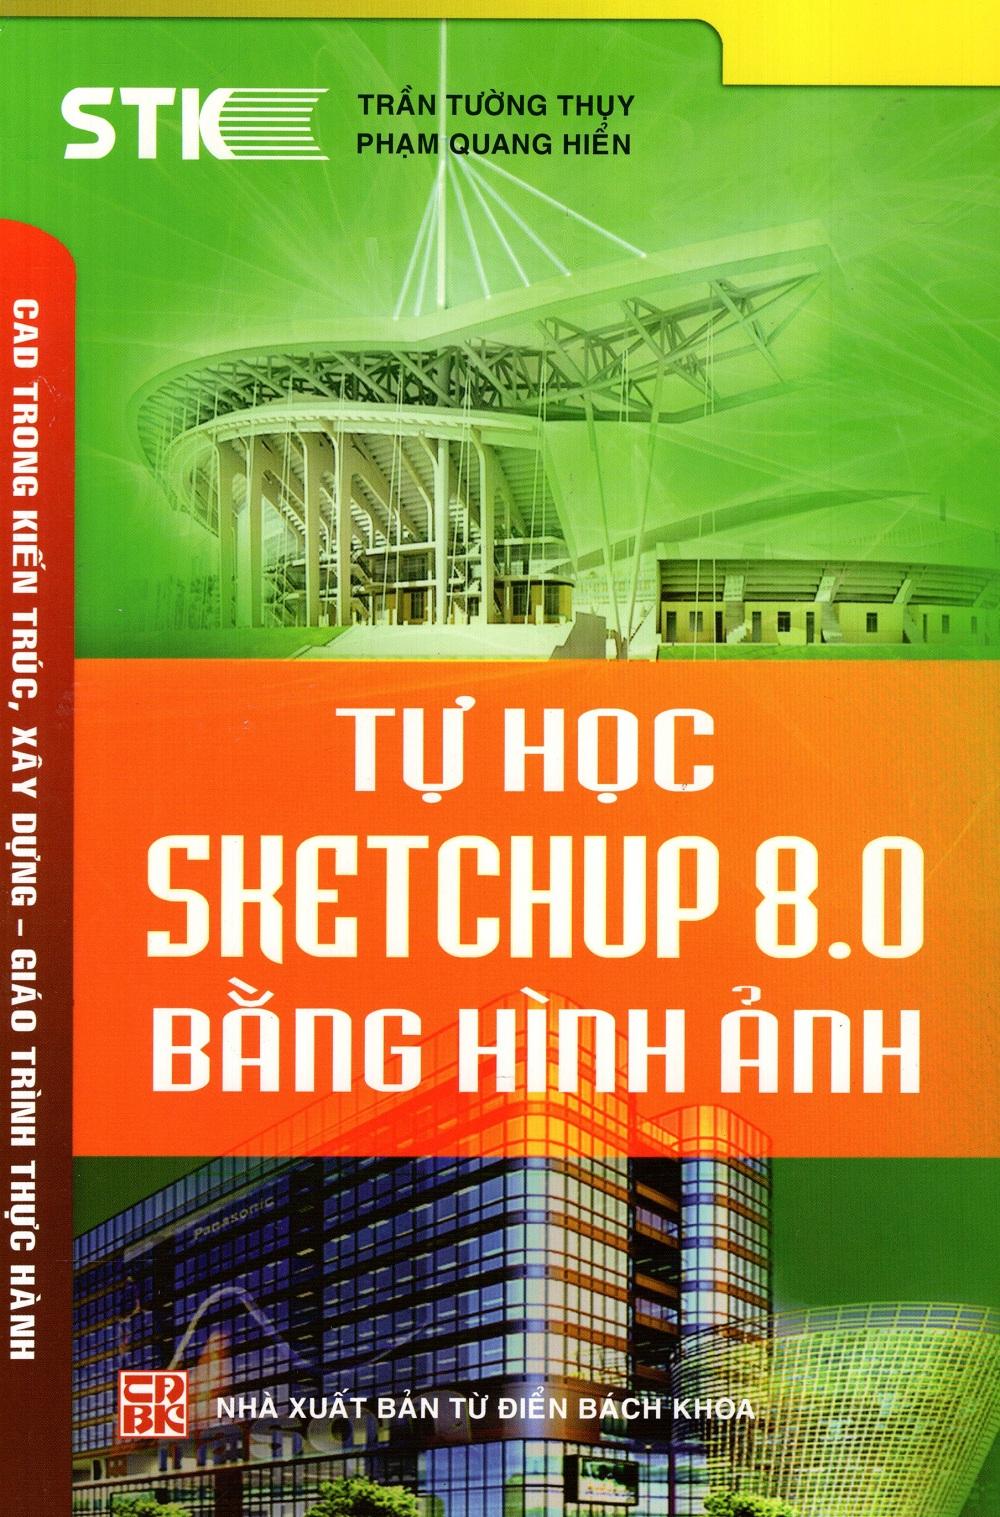 Bìa sách Tự Học SketchUp 8.0 Bằng Hình Ảnh